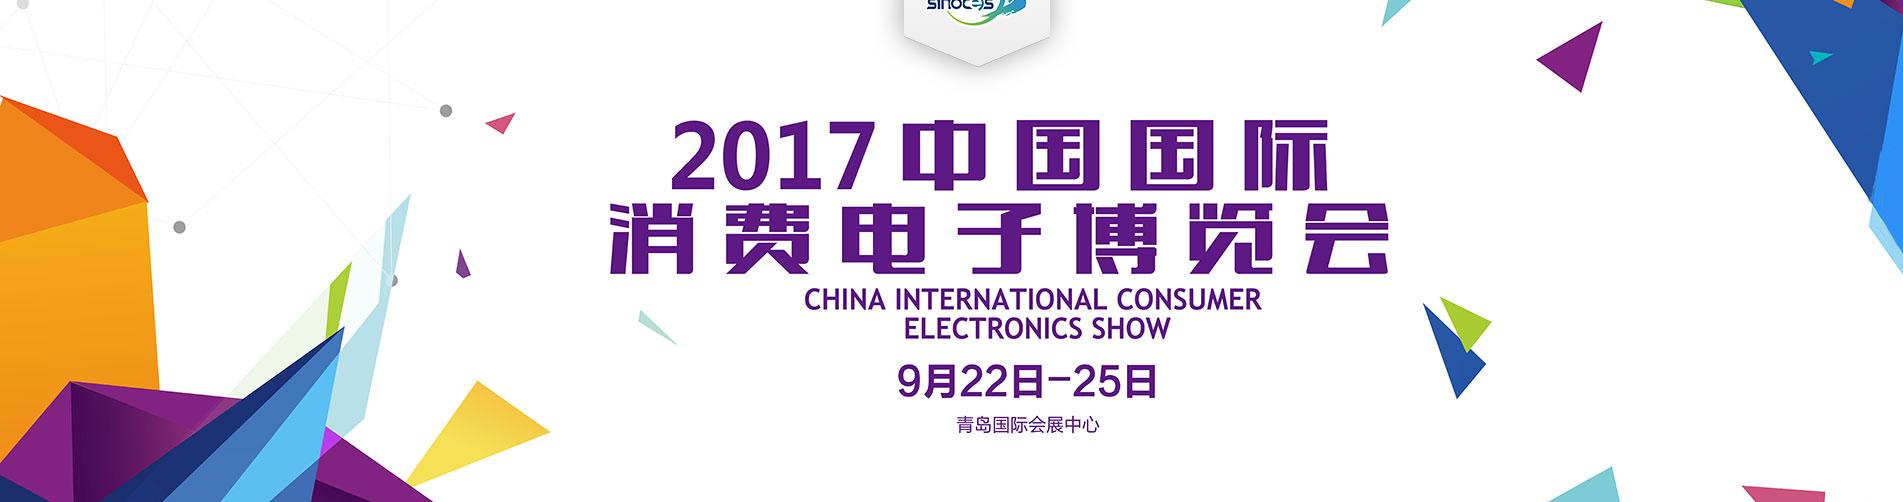 2017中国国际消费电子博览会携六大利器创展会新格局